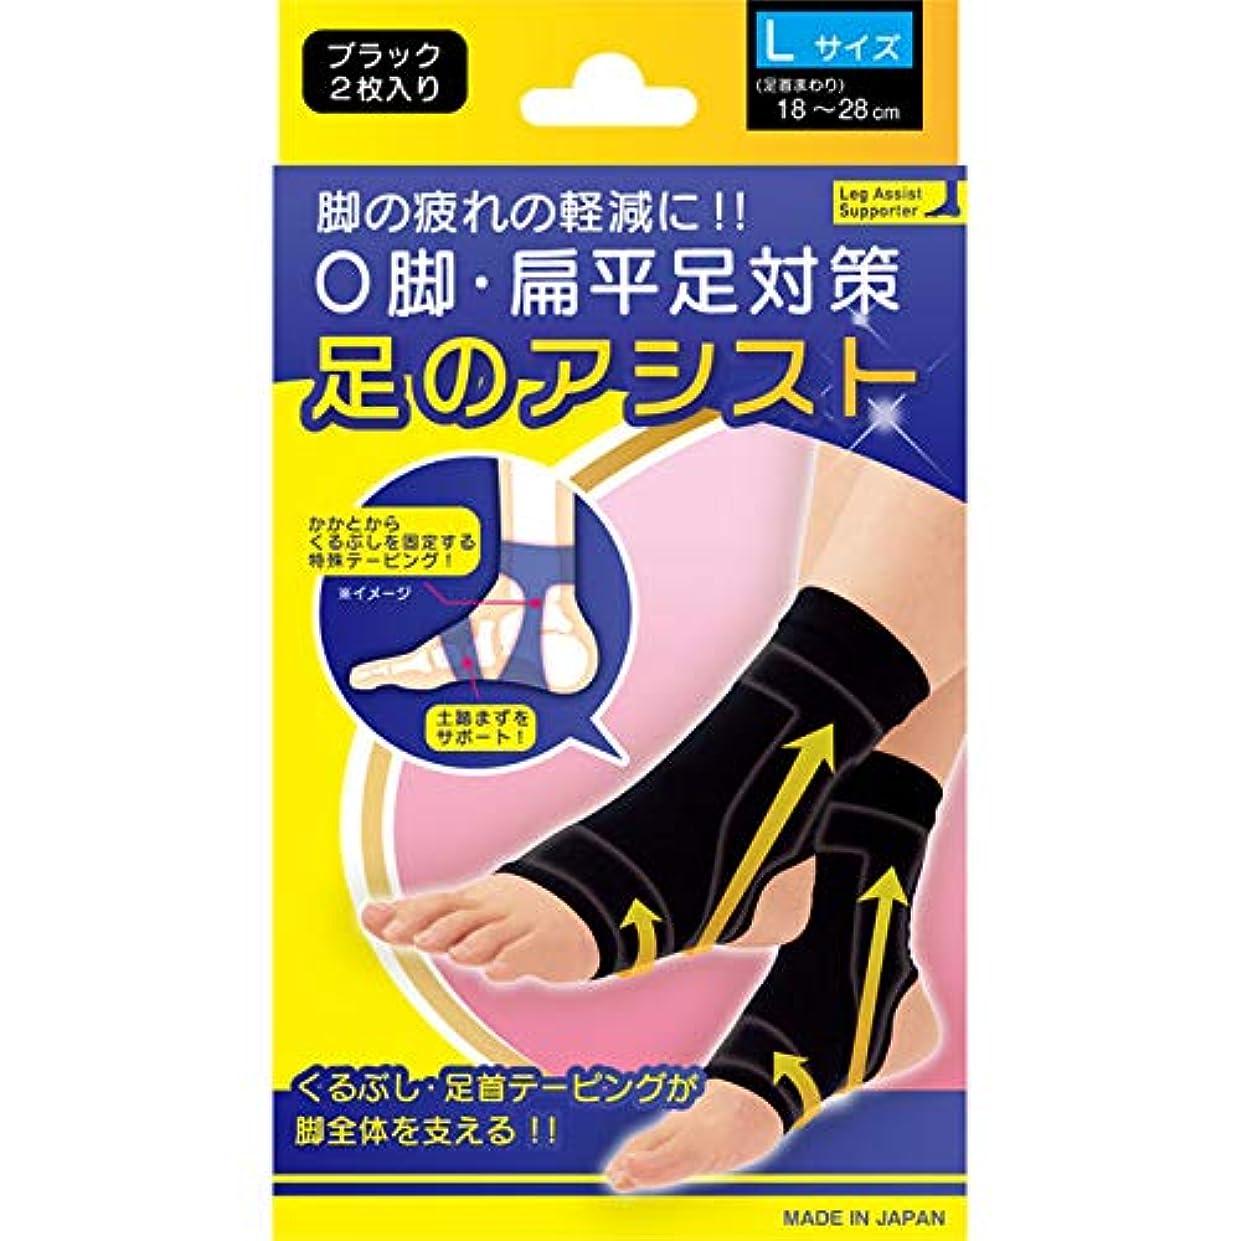 効果的に悪化させるスパーク美脚足のアシスト ブラック 2枚入り Lサイズ(足首まわり18~28cm)